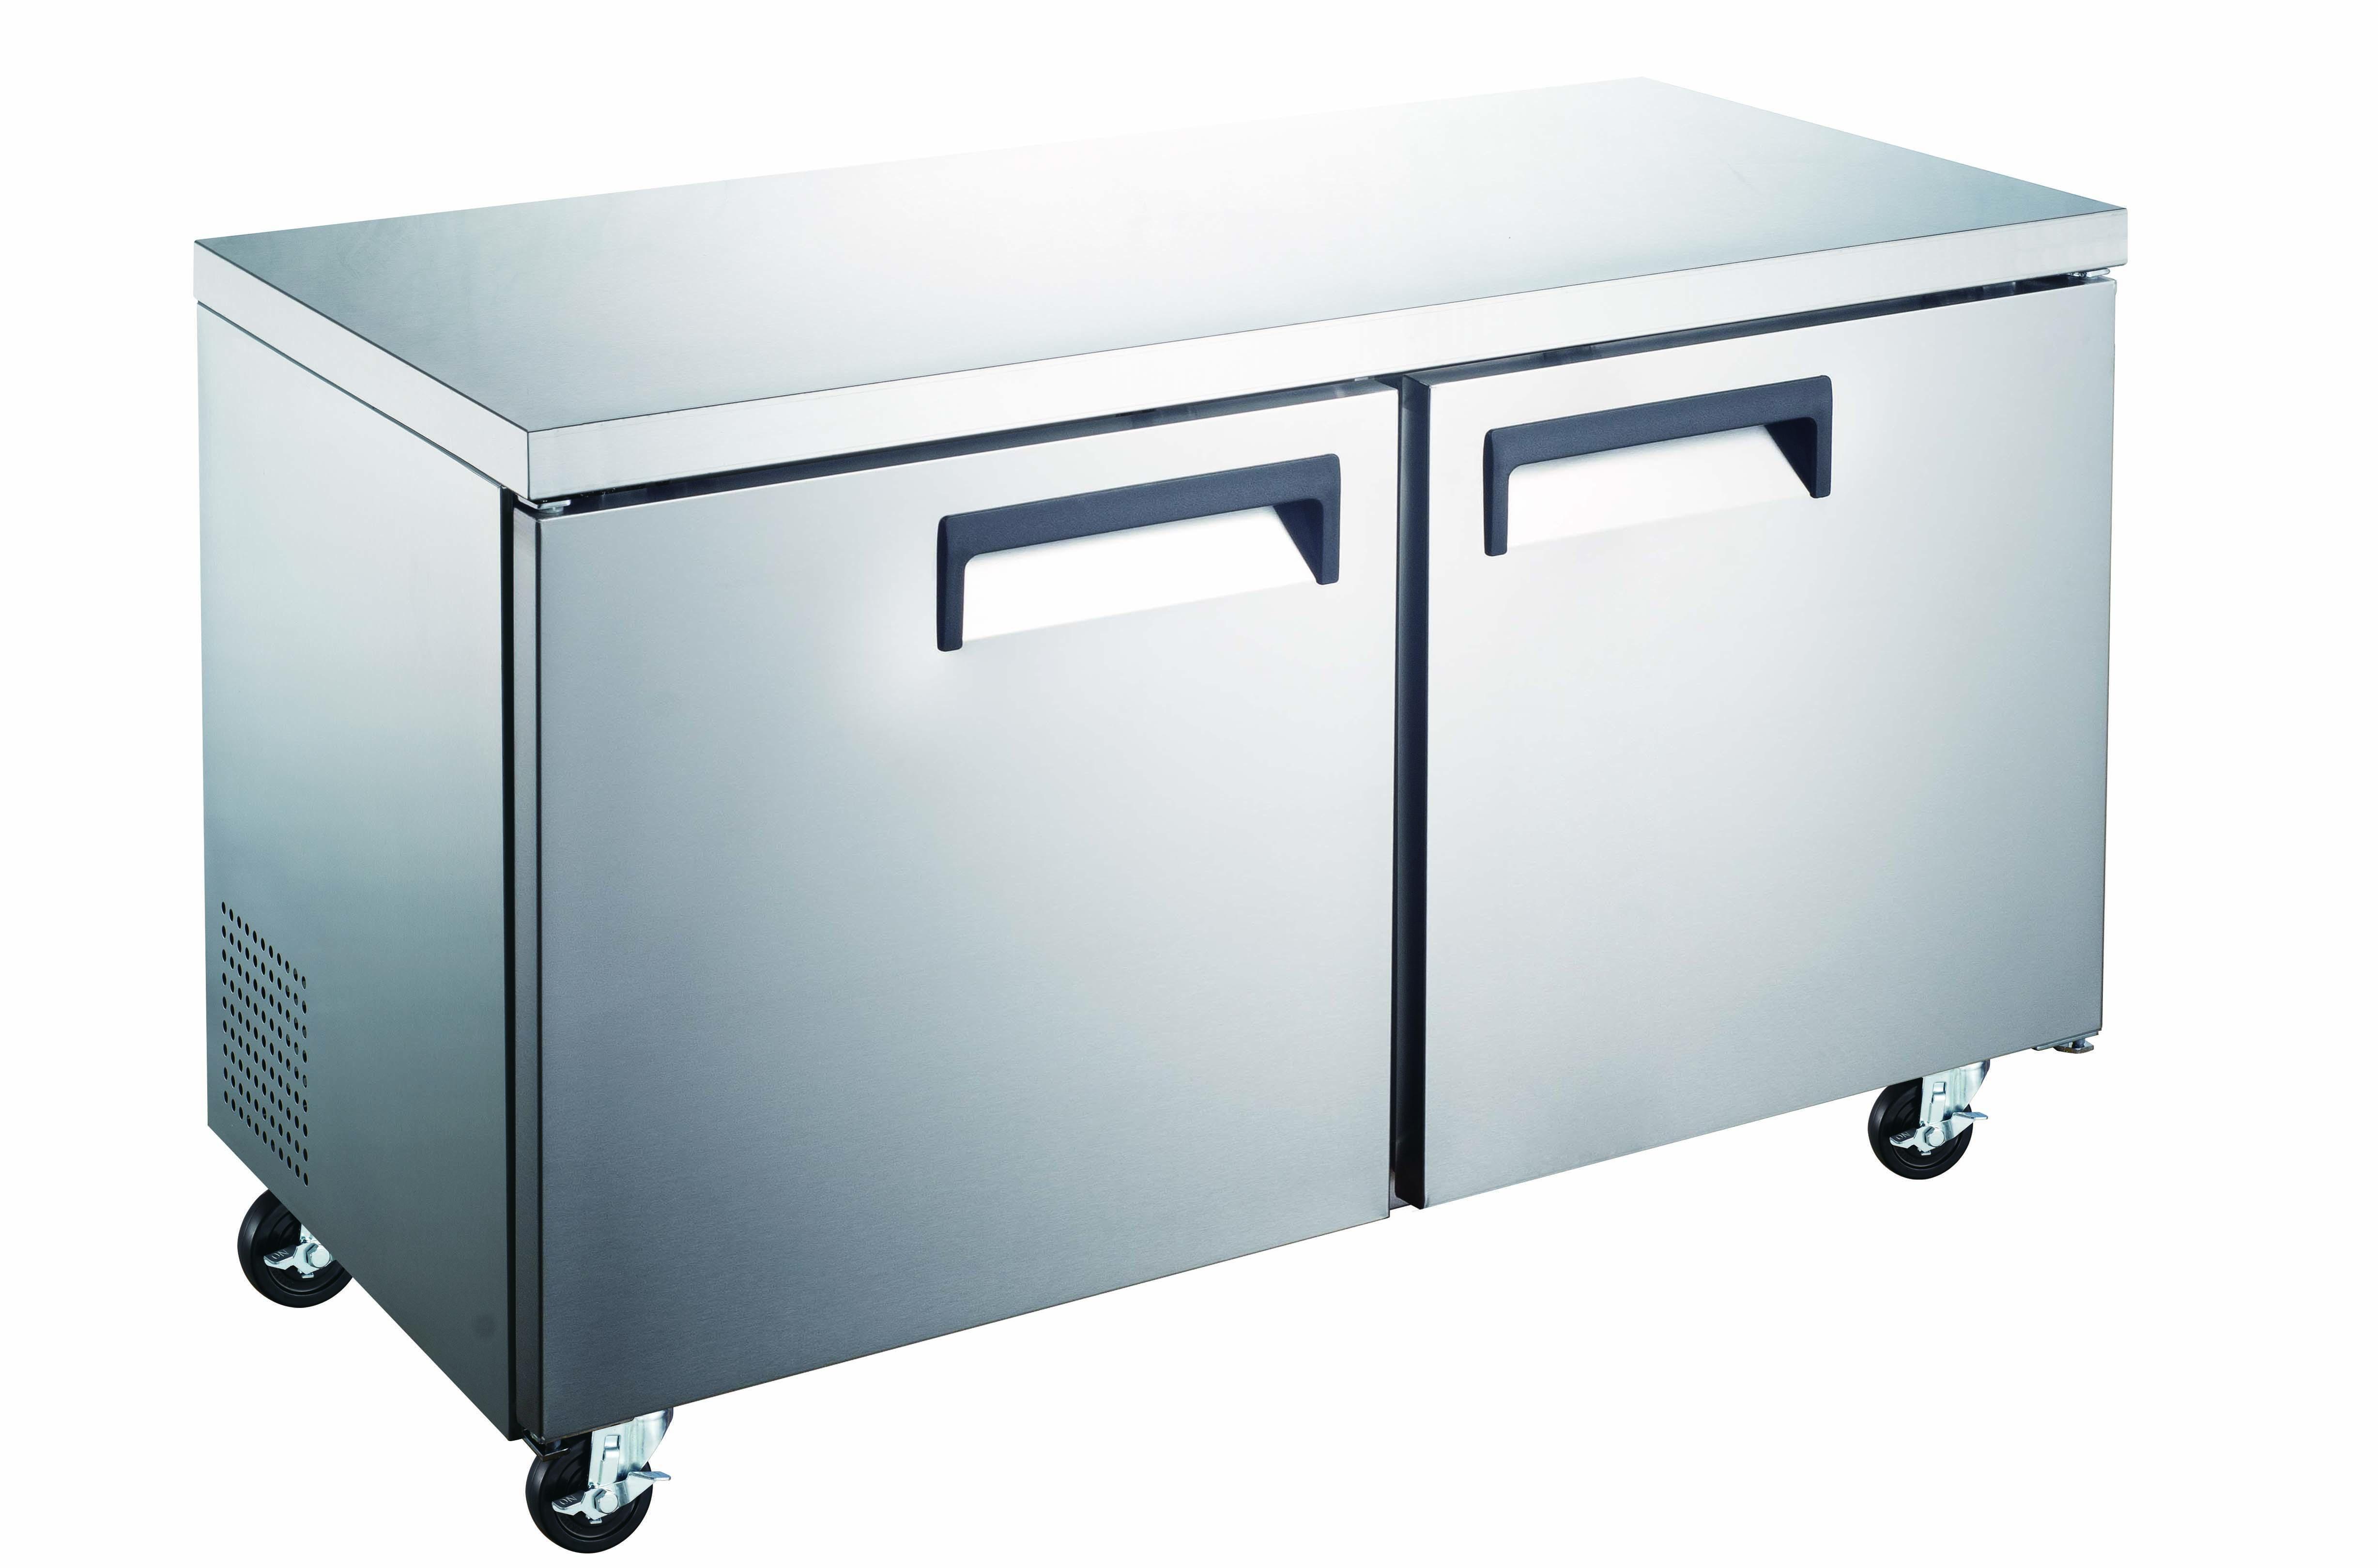 Admiral Craft GRUCRF-48 undercounter refrigerator